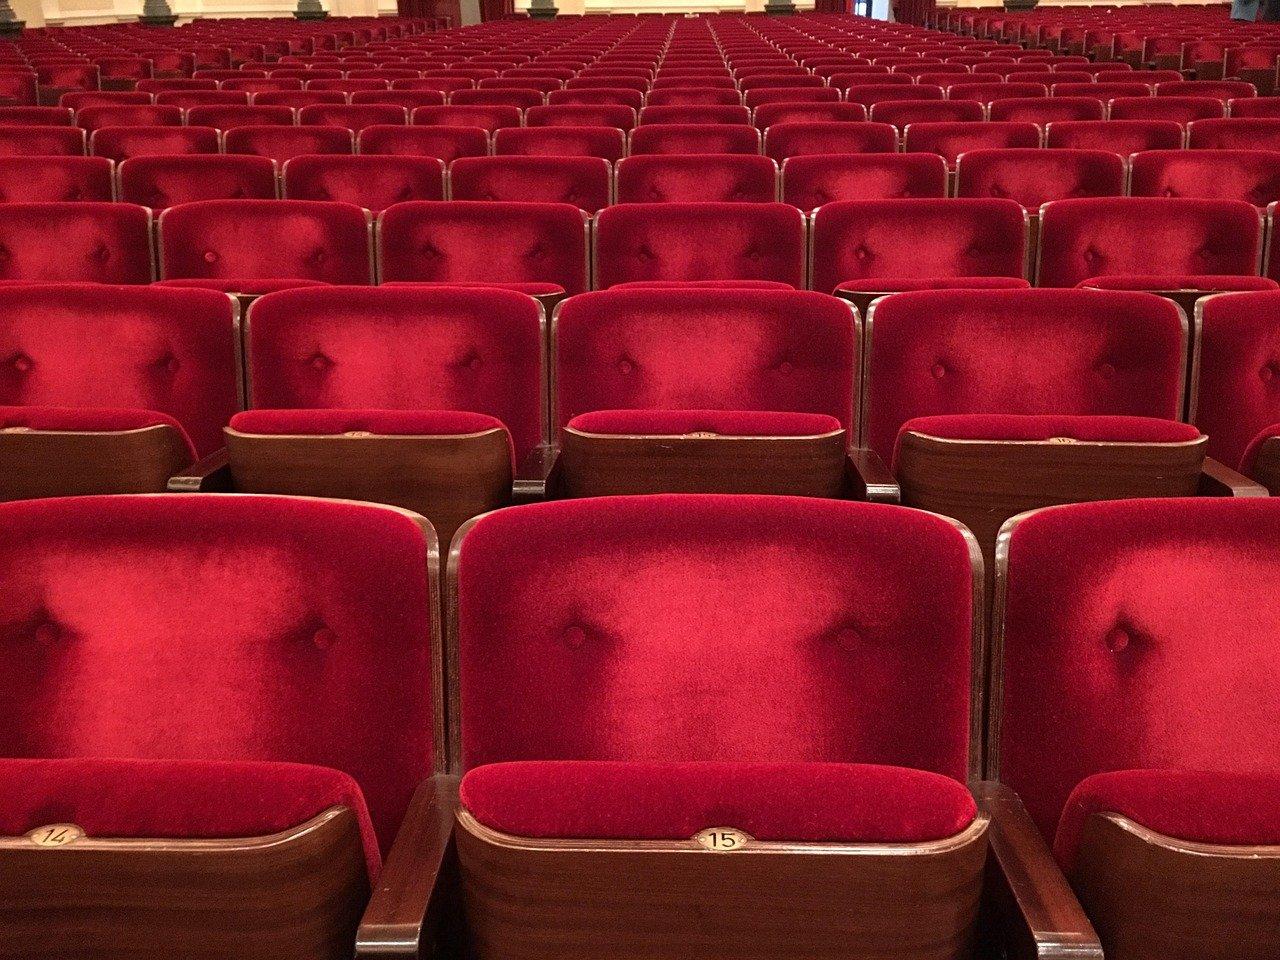 salle cinéma (Sabine van Erp de Pixabay)